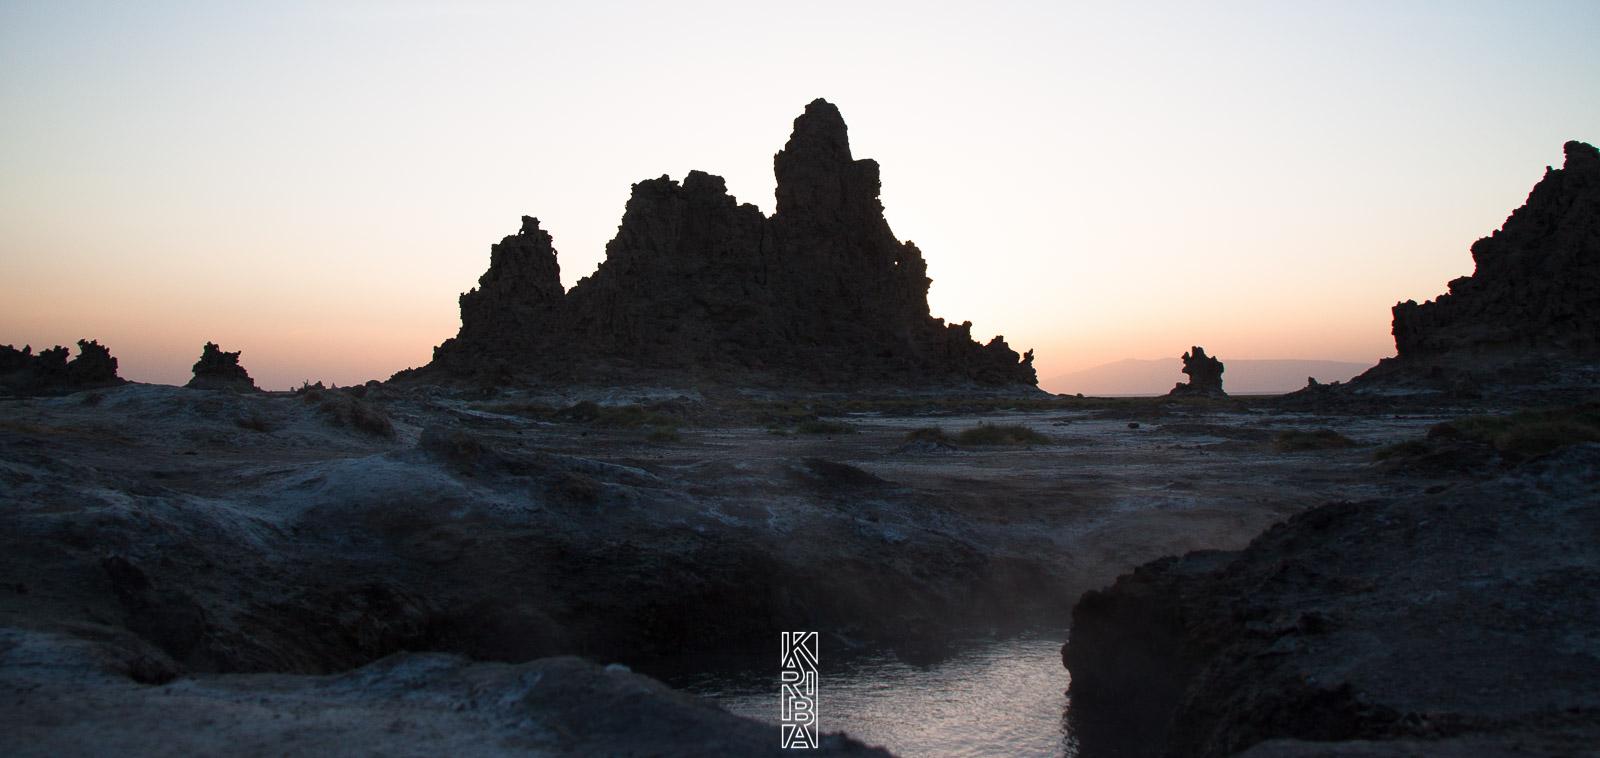 180-Djibouti-042009-Abbé.jpg